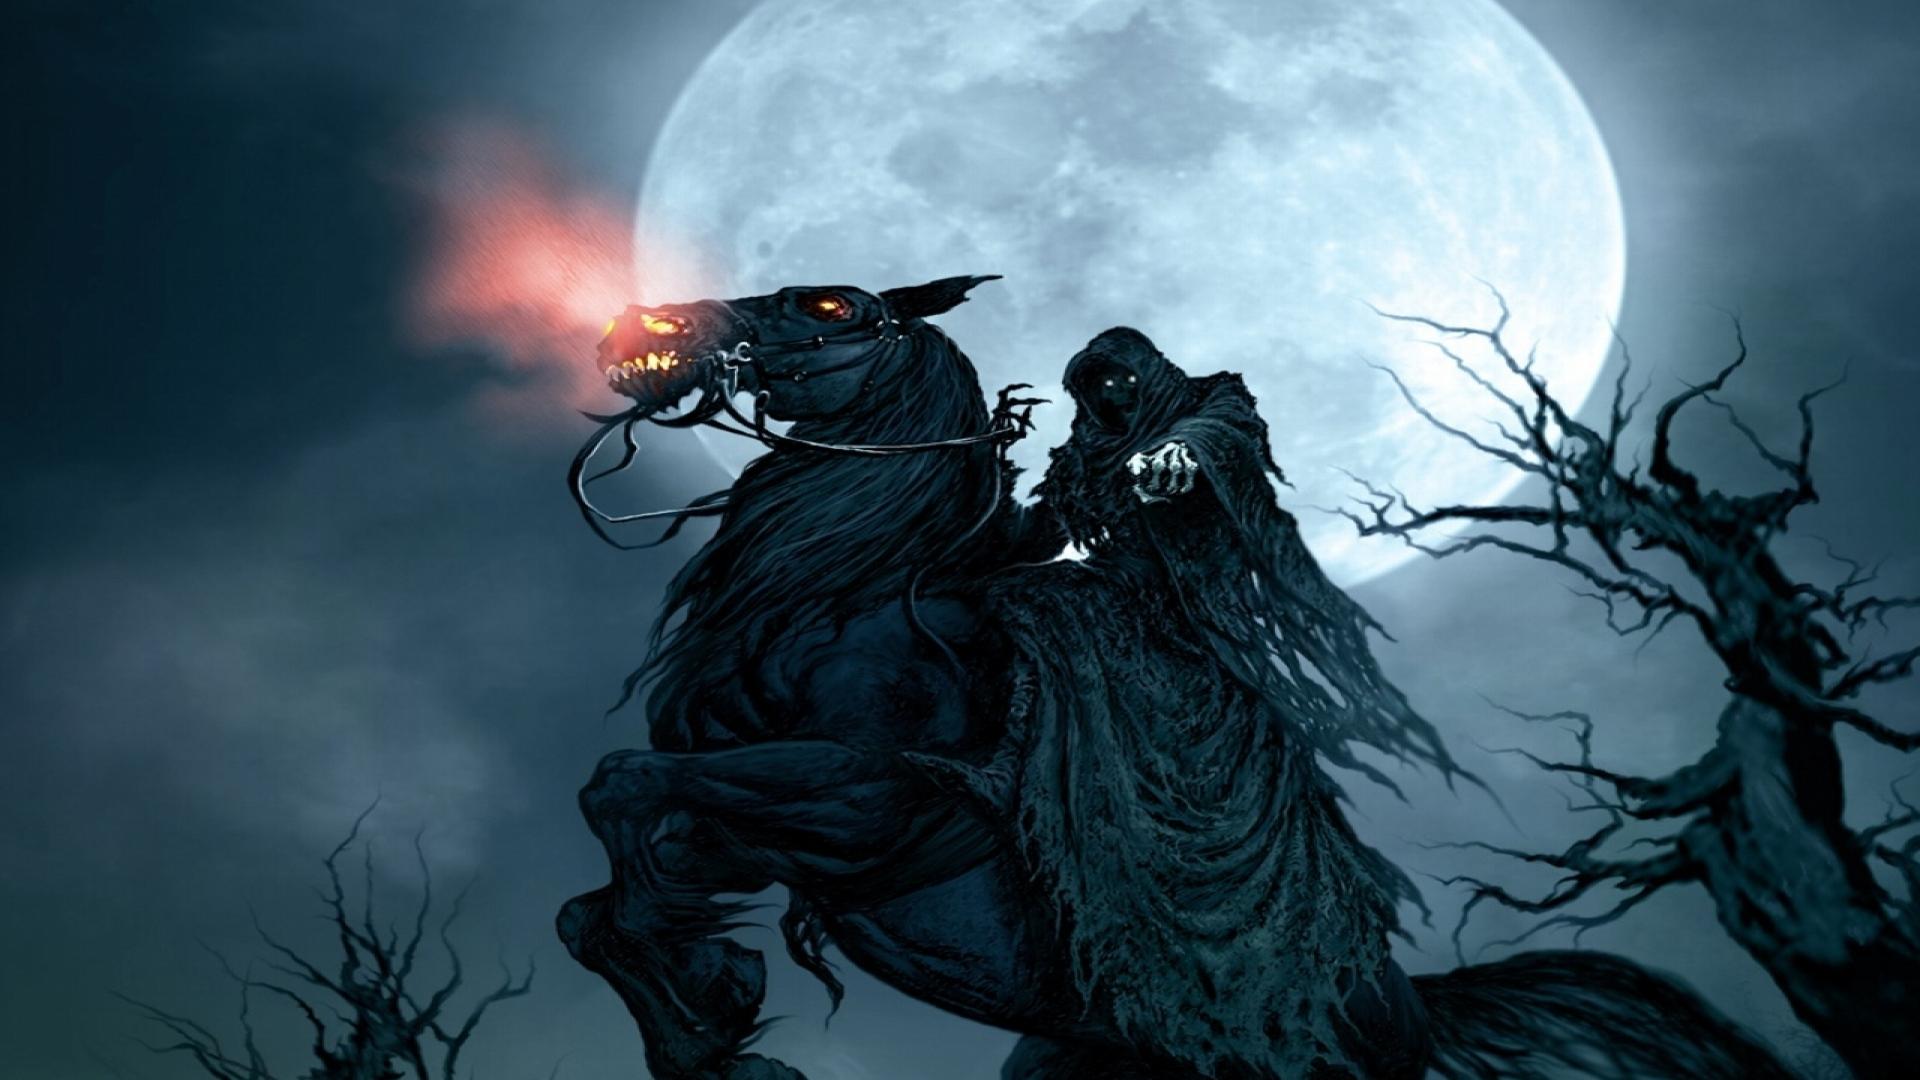 фэнтези графика женщина Grim Reaper  № 3256276 загрузить